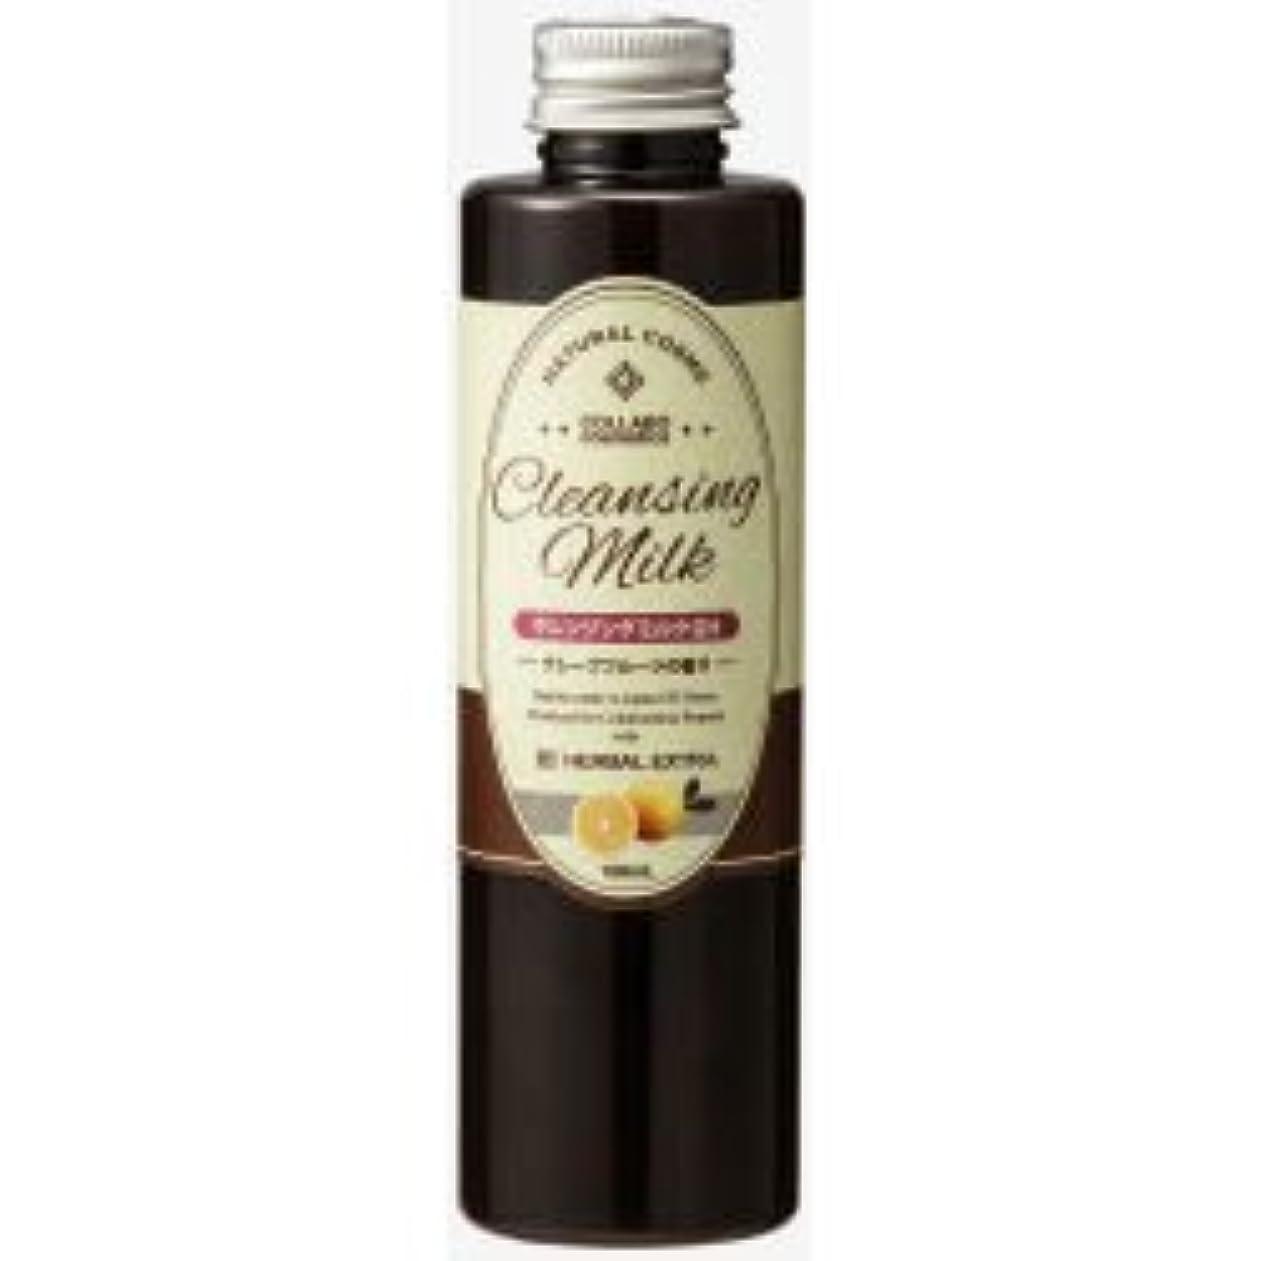 ルート中に絶対に[ゼミド×ハーバルエクストラ] クレンジングミルクGH グレープフルーツの香り 150ml